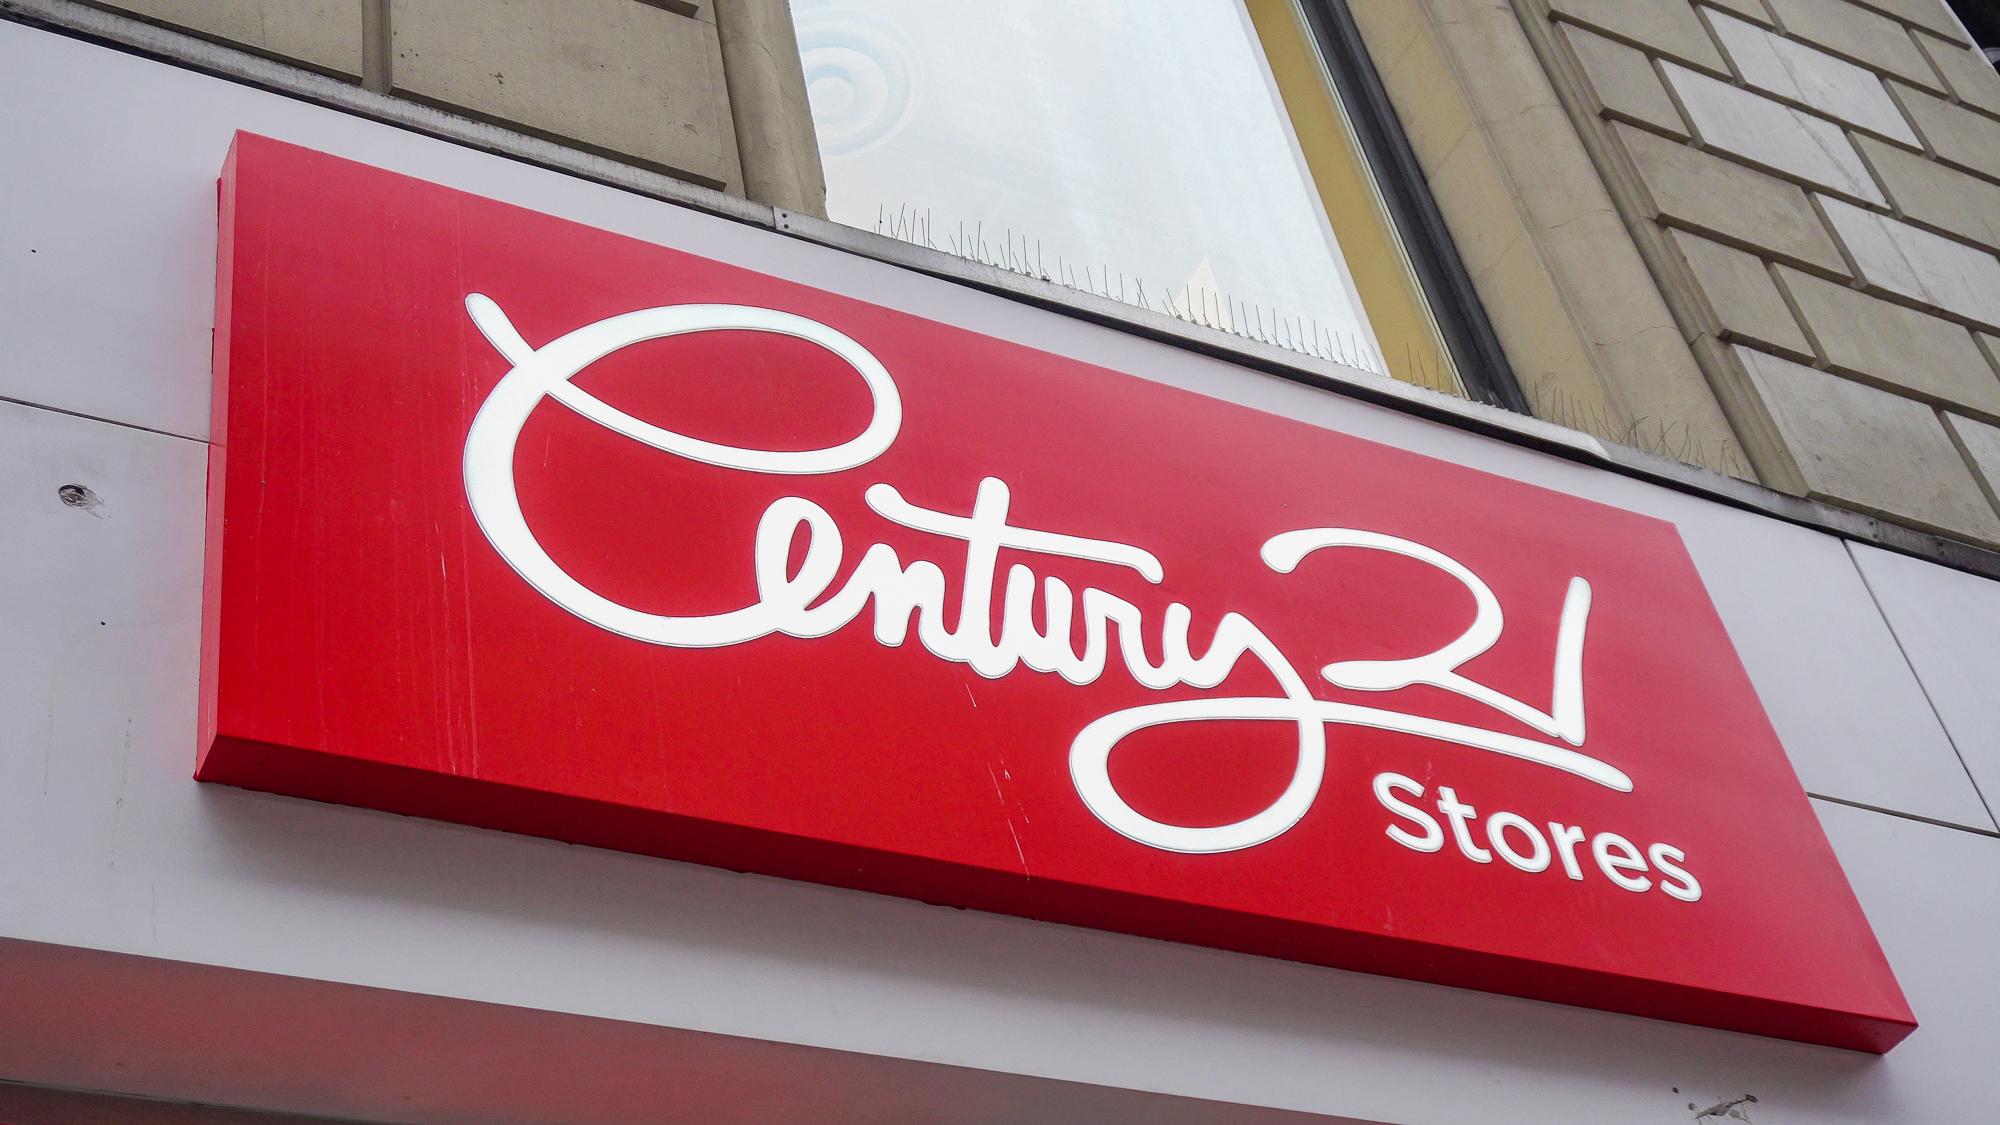 Foto da placa da loja Century 21 em Nova York, com letras brancas sobre um fundo vermelho